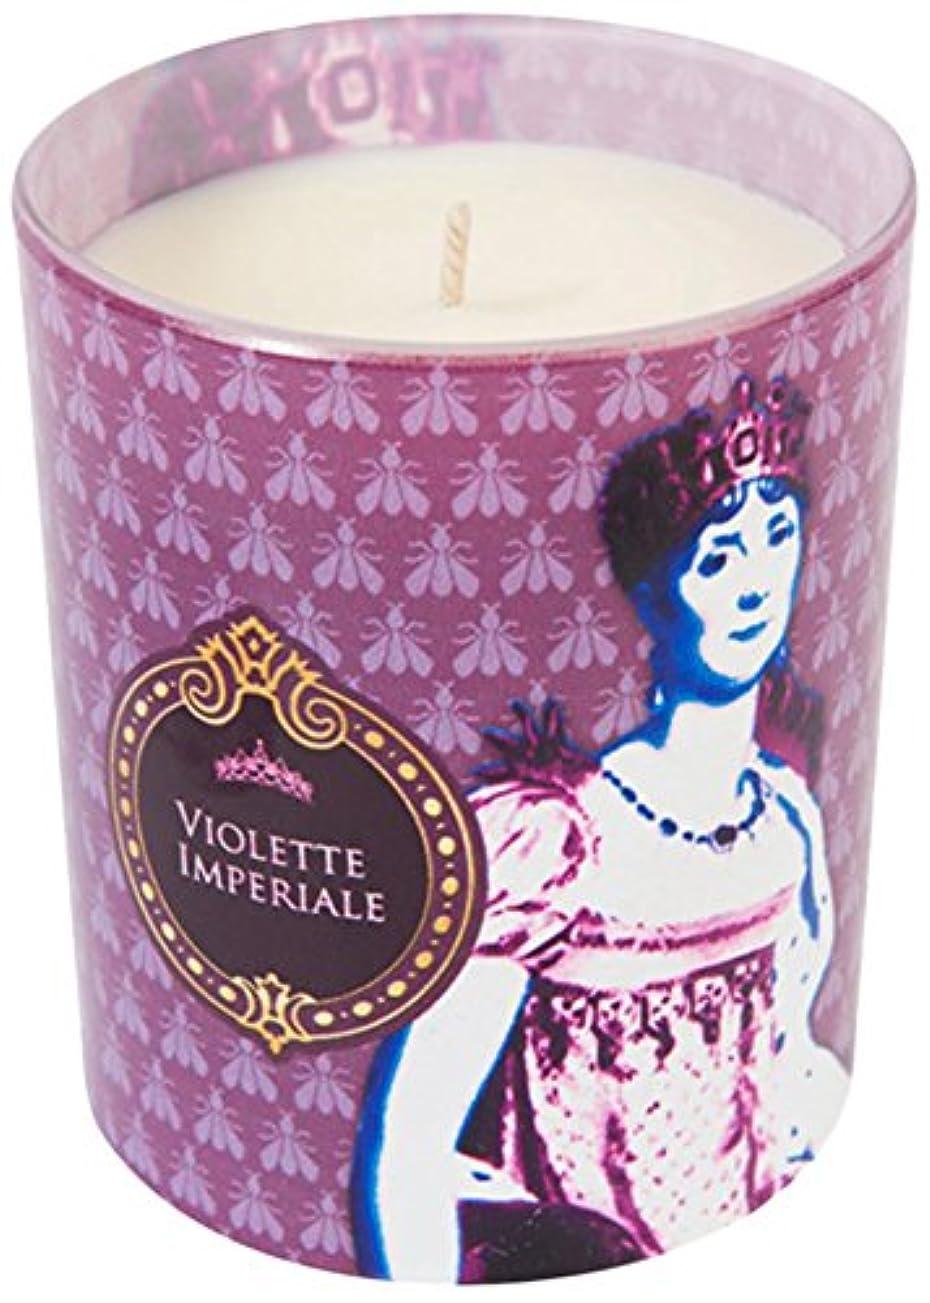 白菜マントウィンクヒストリア ポップアートキャンドル ウ゛ィオレット スミレの花の香り